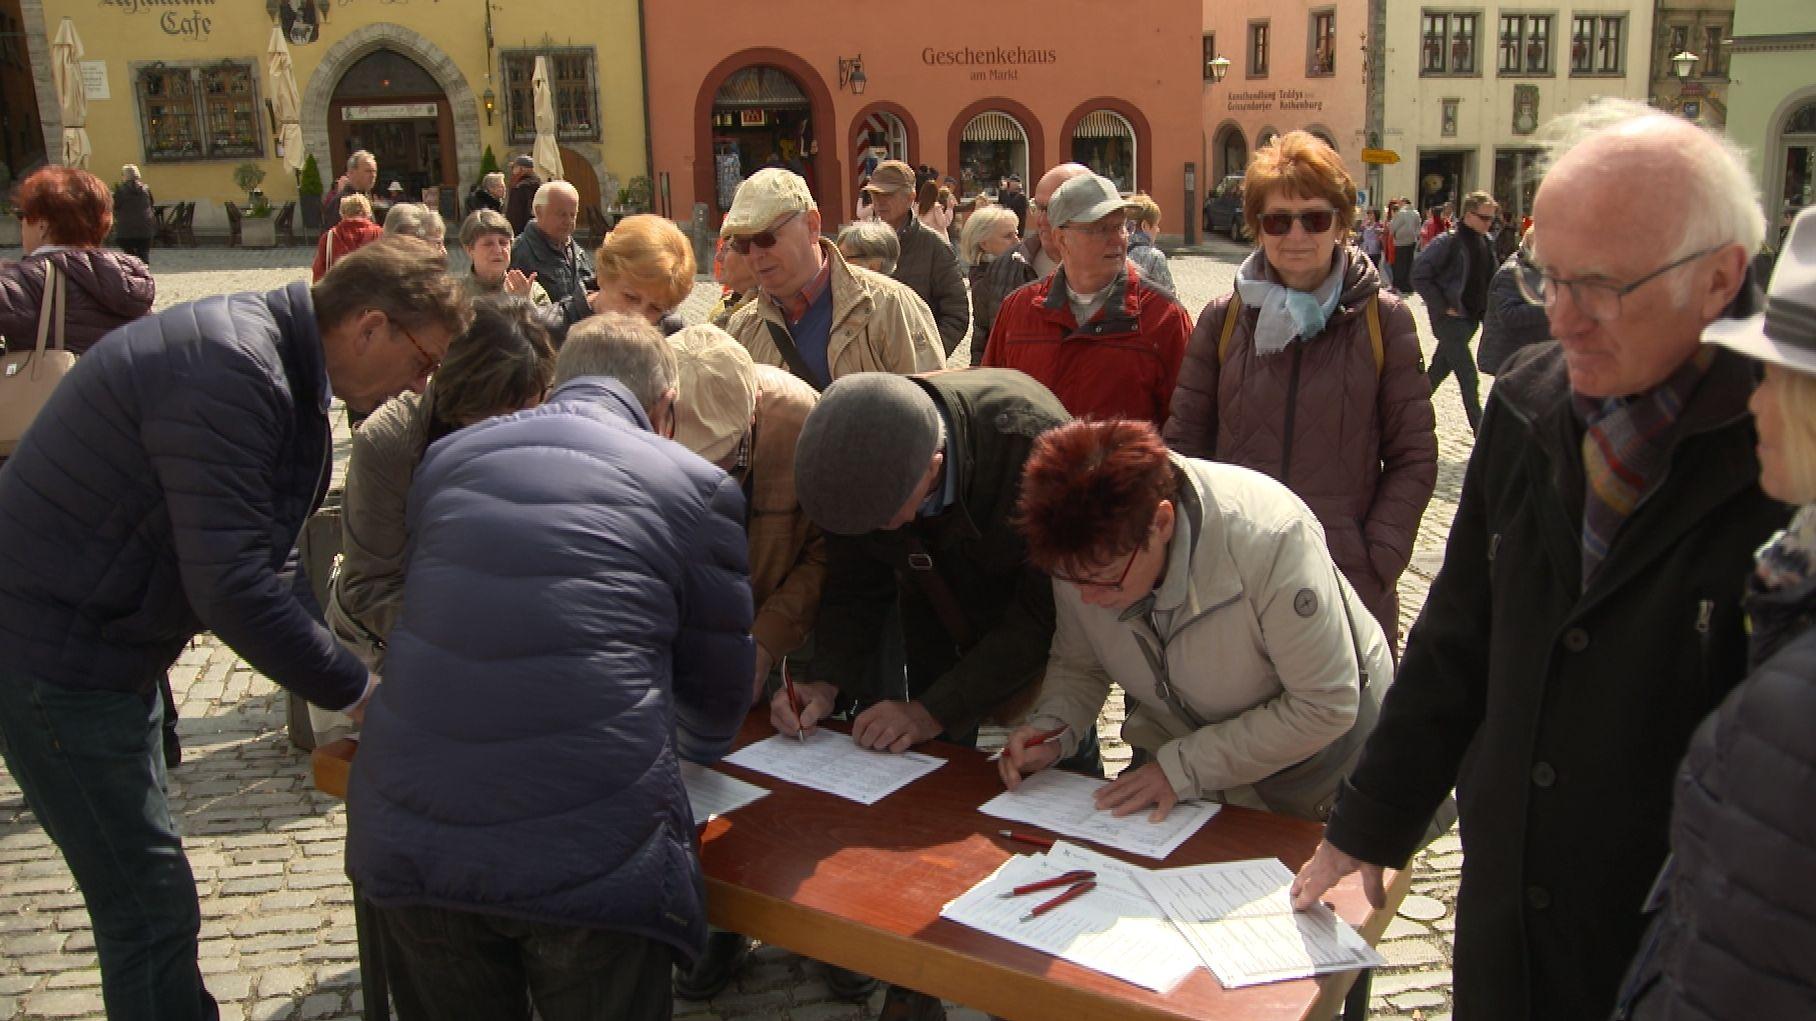 Unterschriftensammlung in Rothenburg ob der Tauber